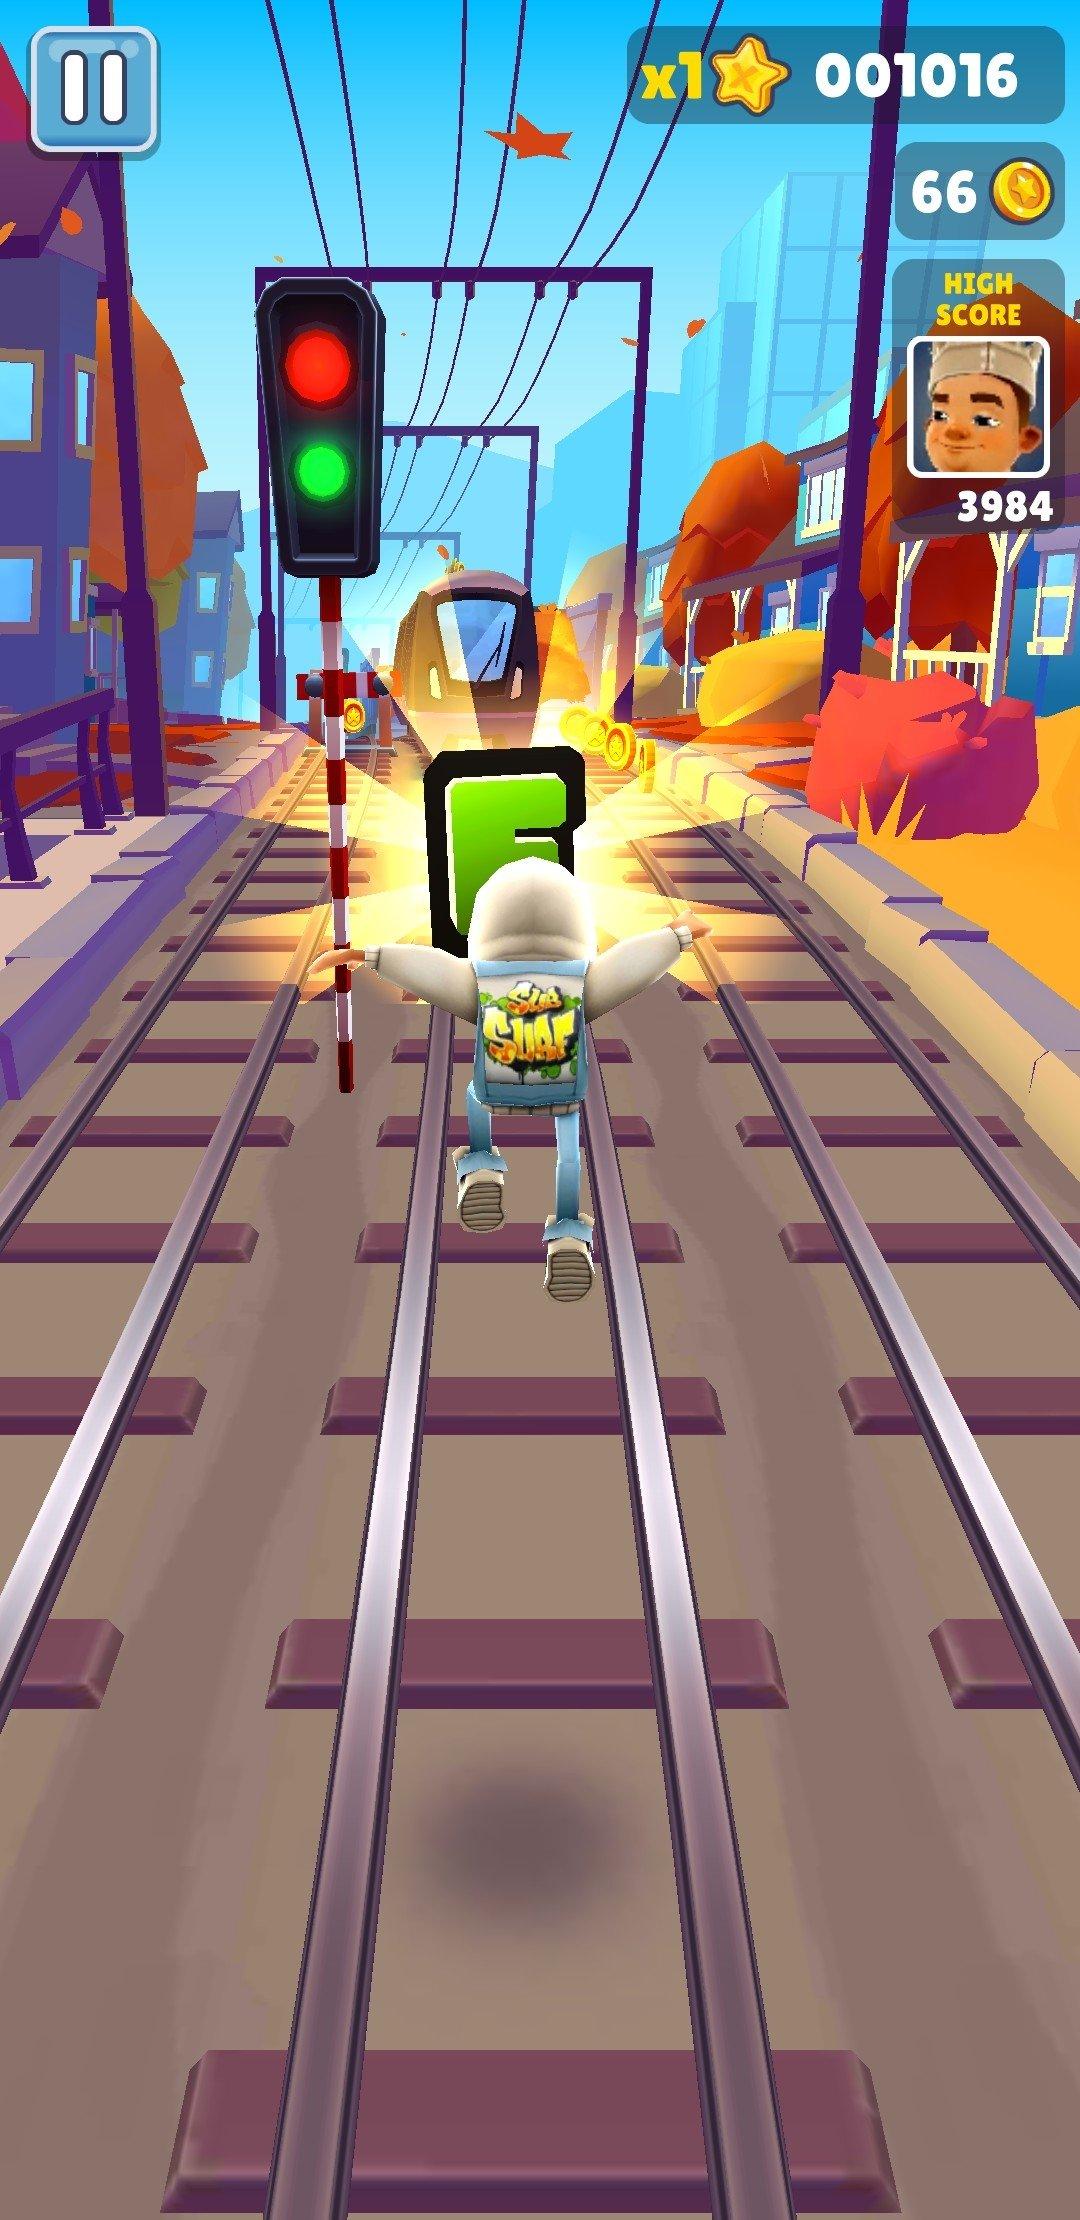 Скачать Игру Subway Surfers Niu York На Андроид 2.2.1